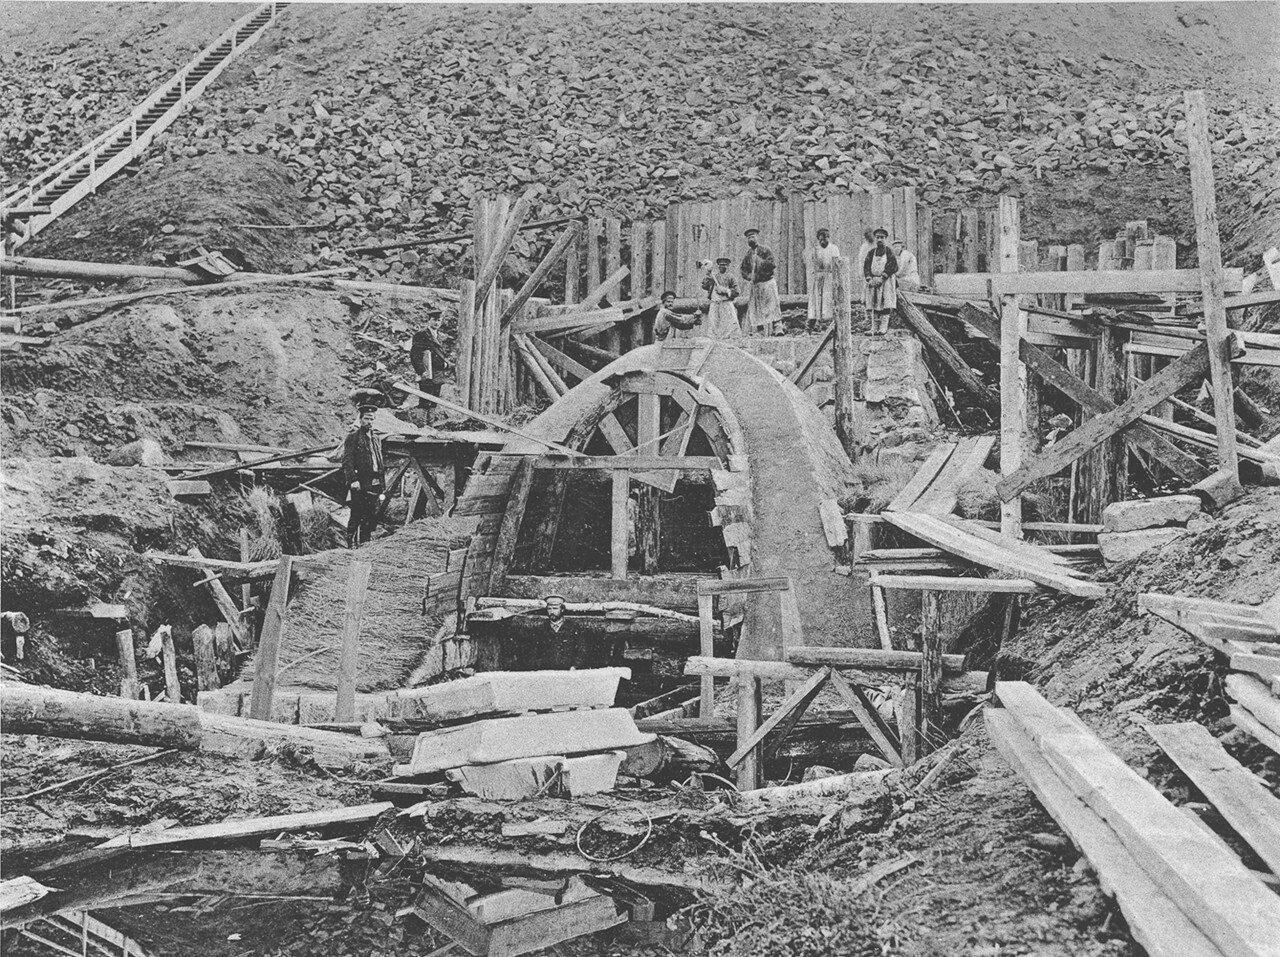 57. 2572 верста. Переделка входного оголовка каменной трубы у сплывшей насыпи. Строительный период 1910